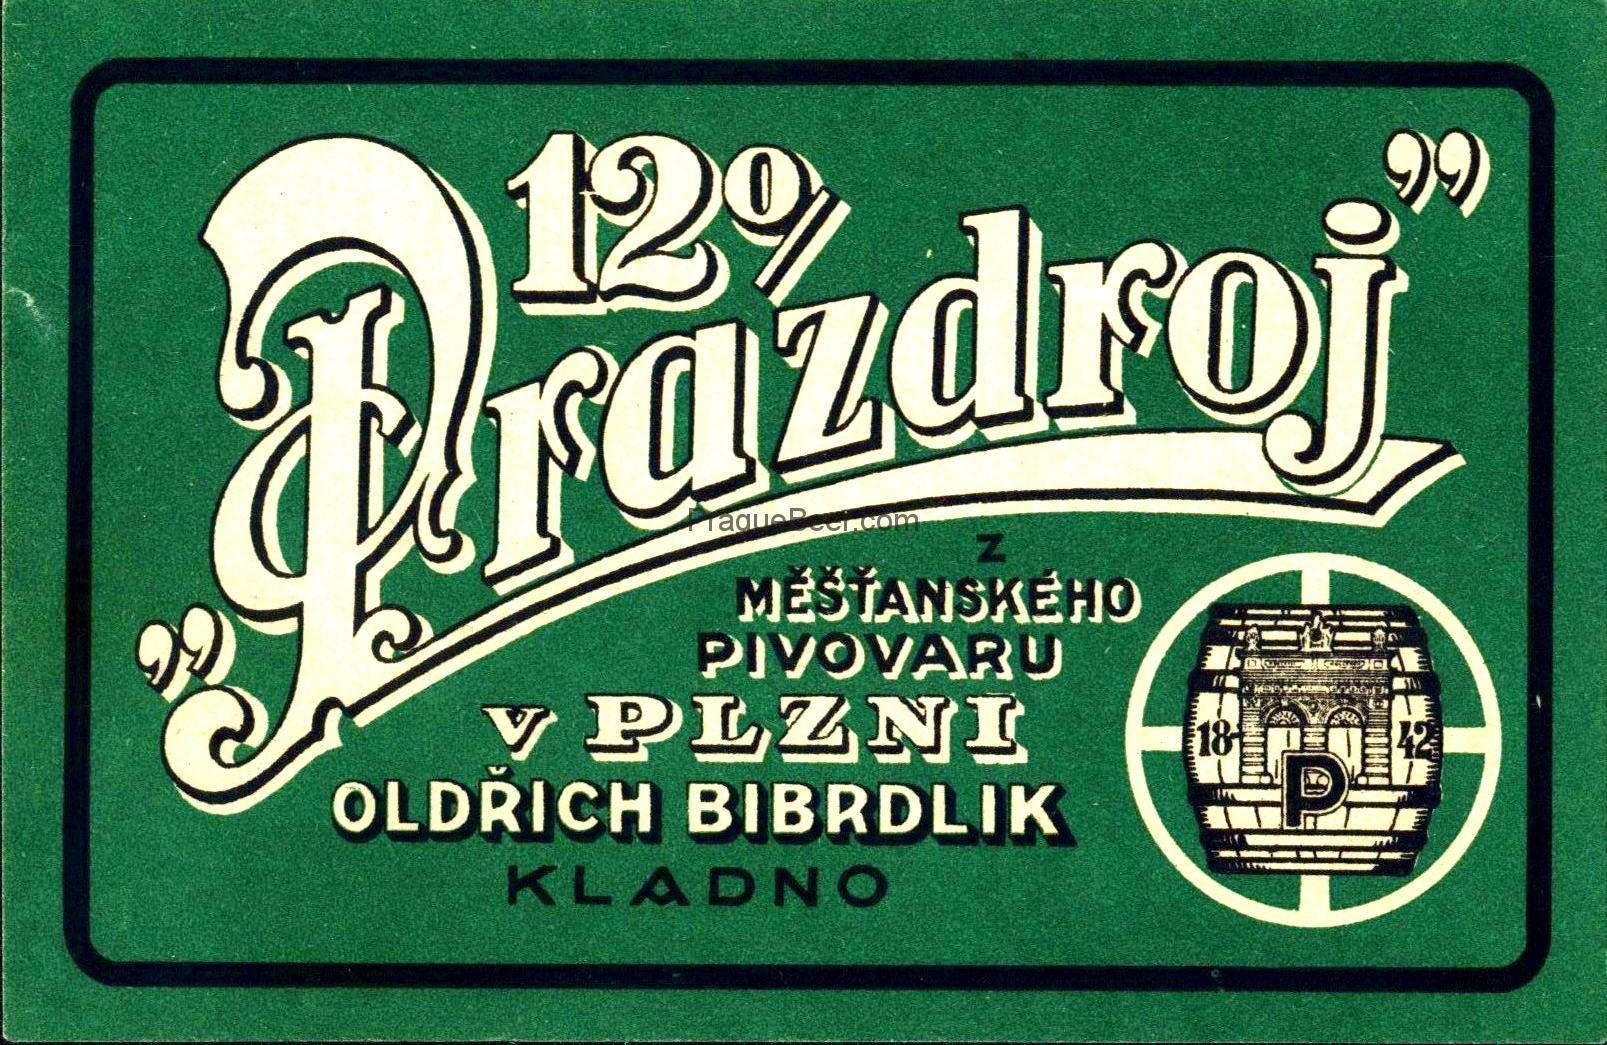 Prazdroj 12° z Měštanského pivovaru v Plzni Oldřich Bibrlik Kladno